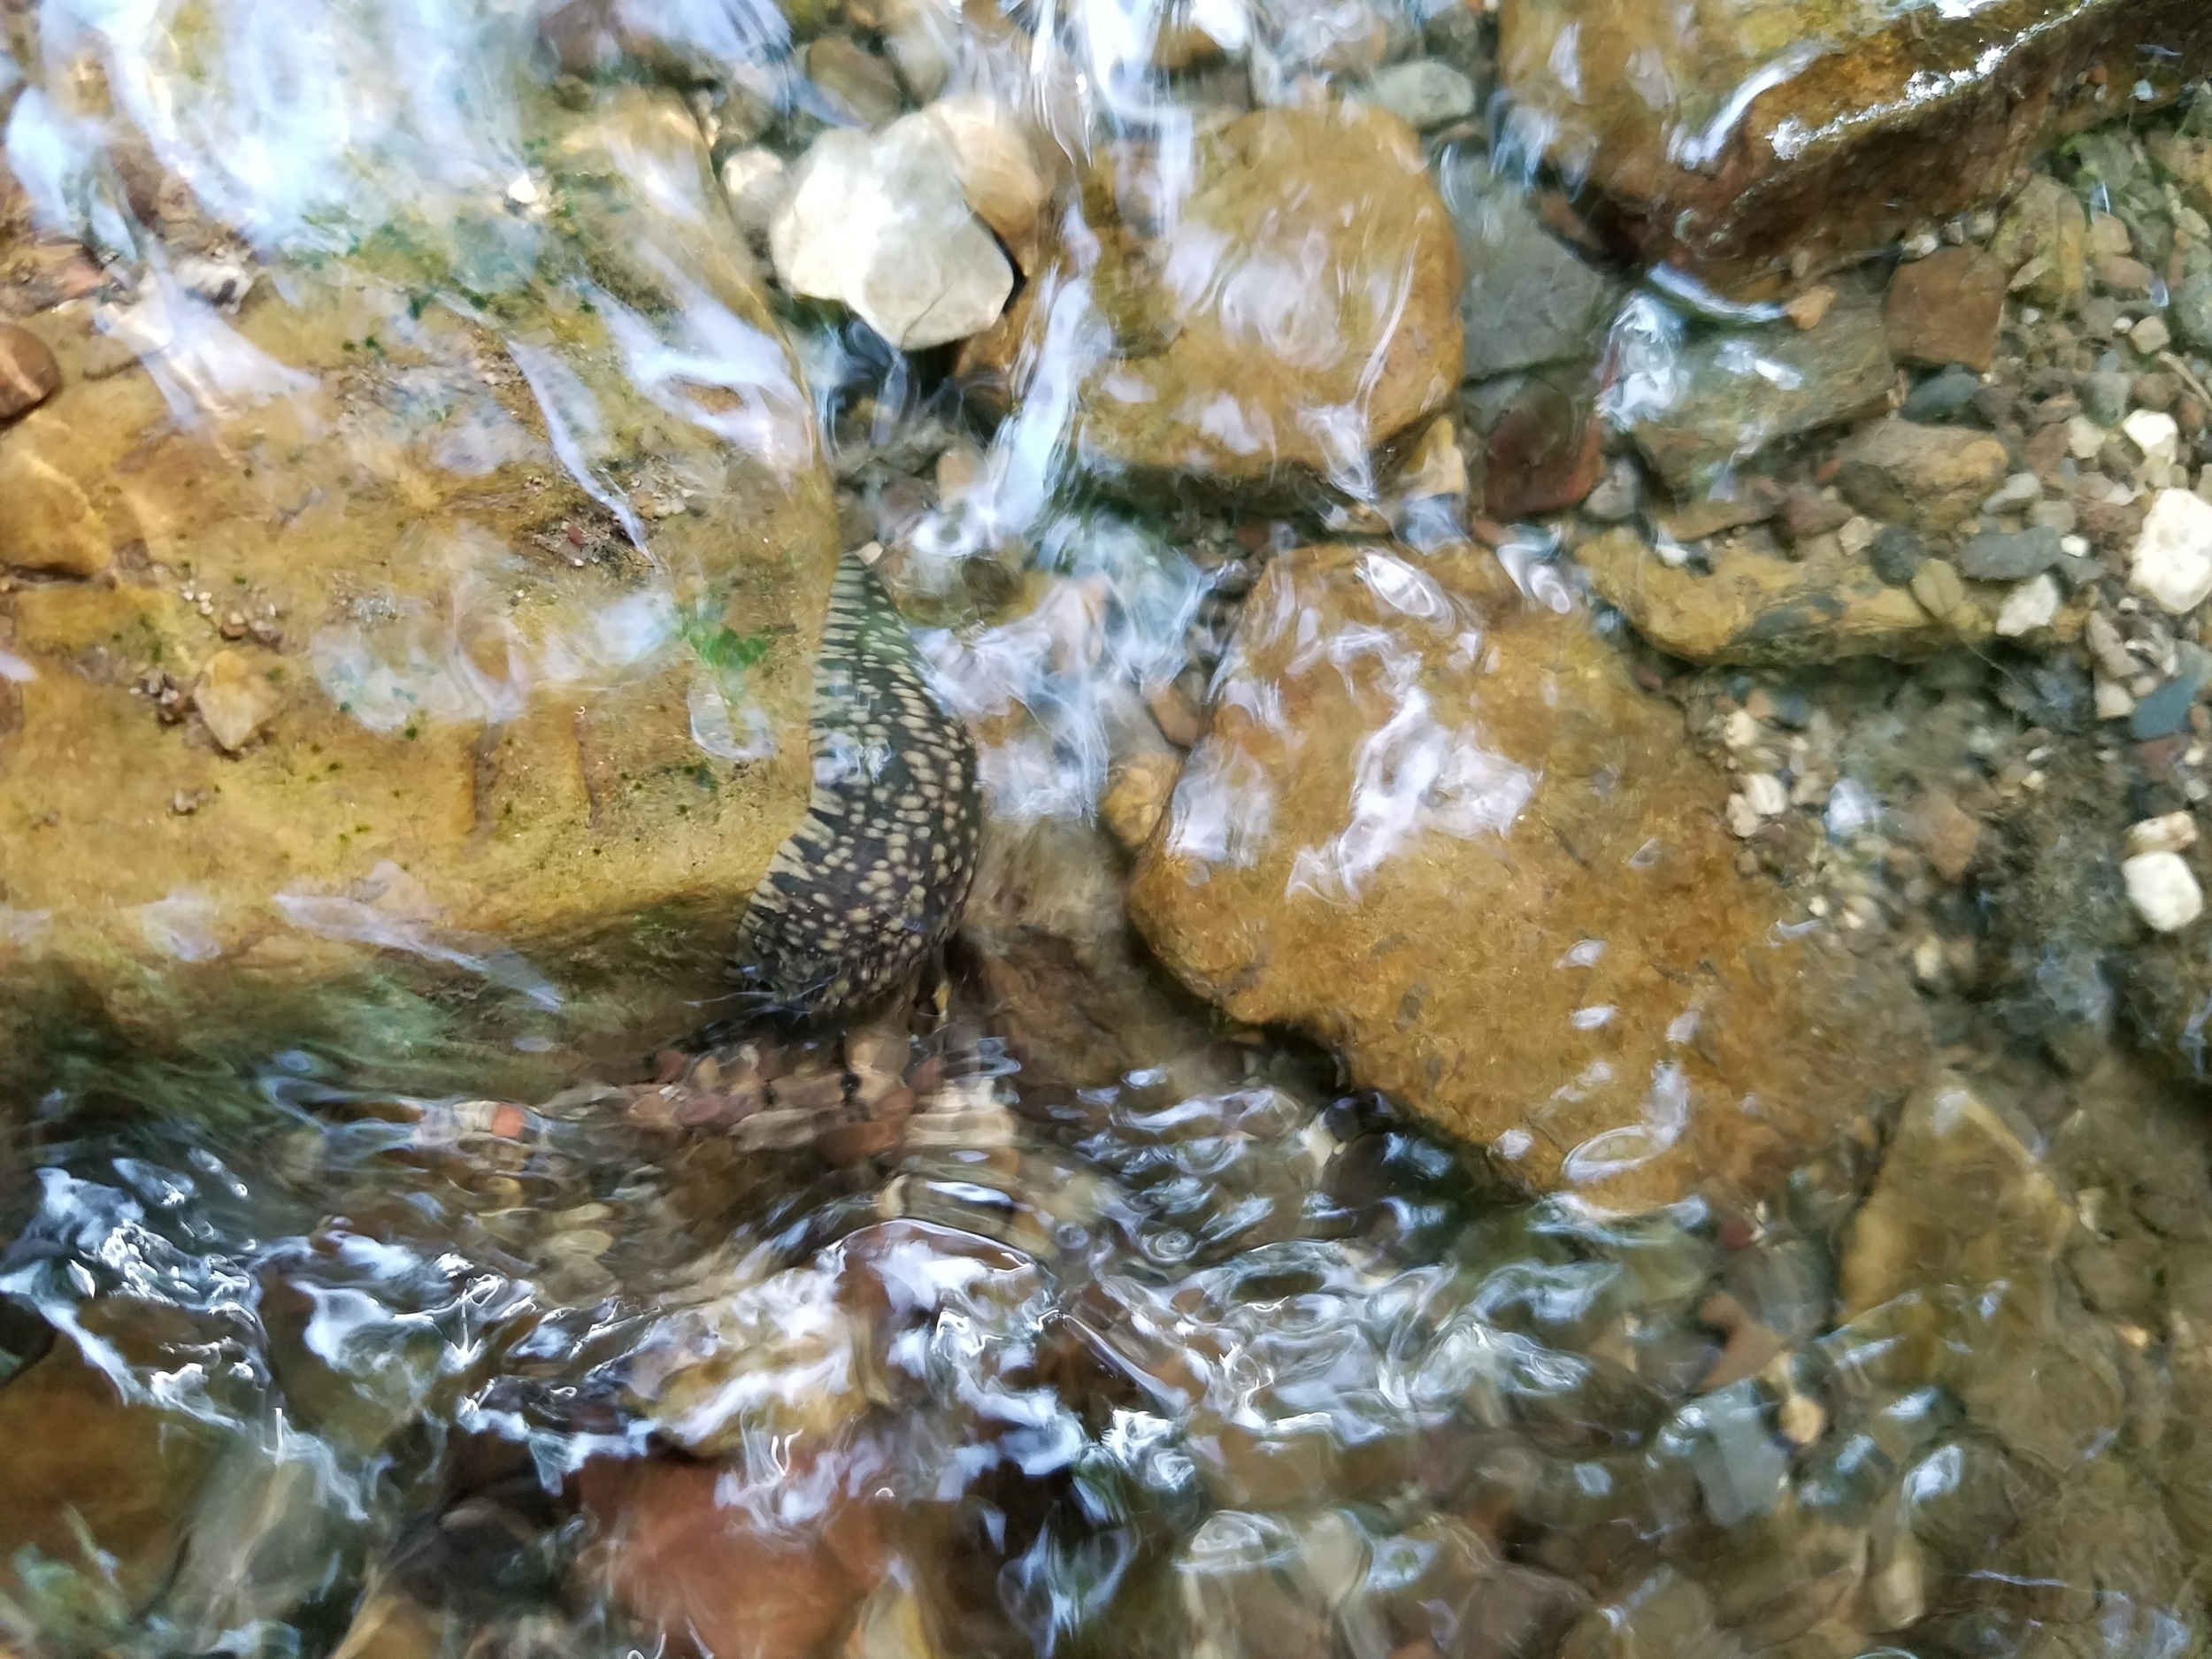 Placobdella leech in a stream - Arkansas